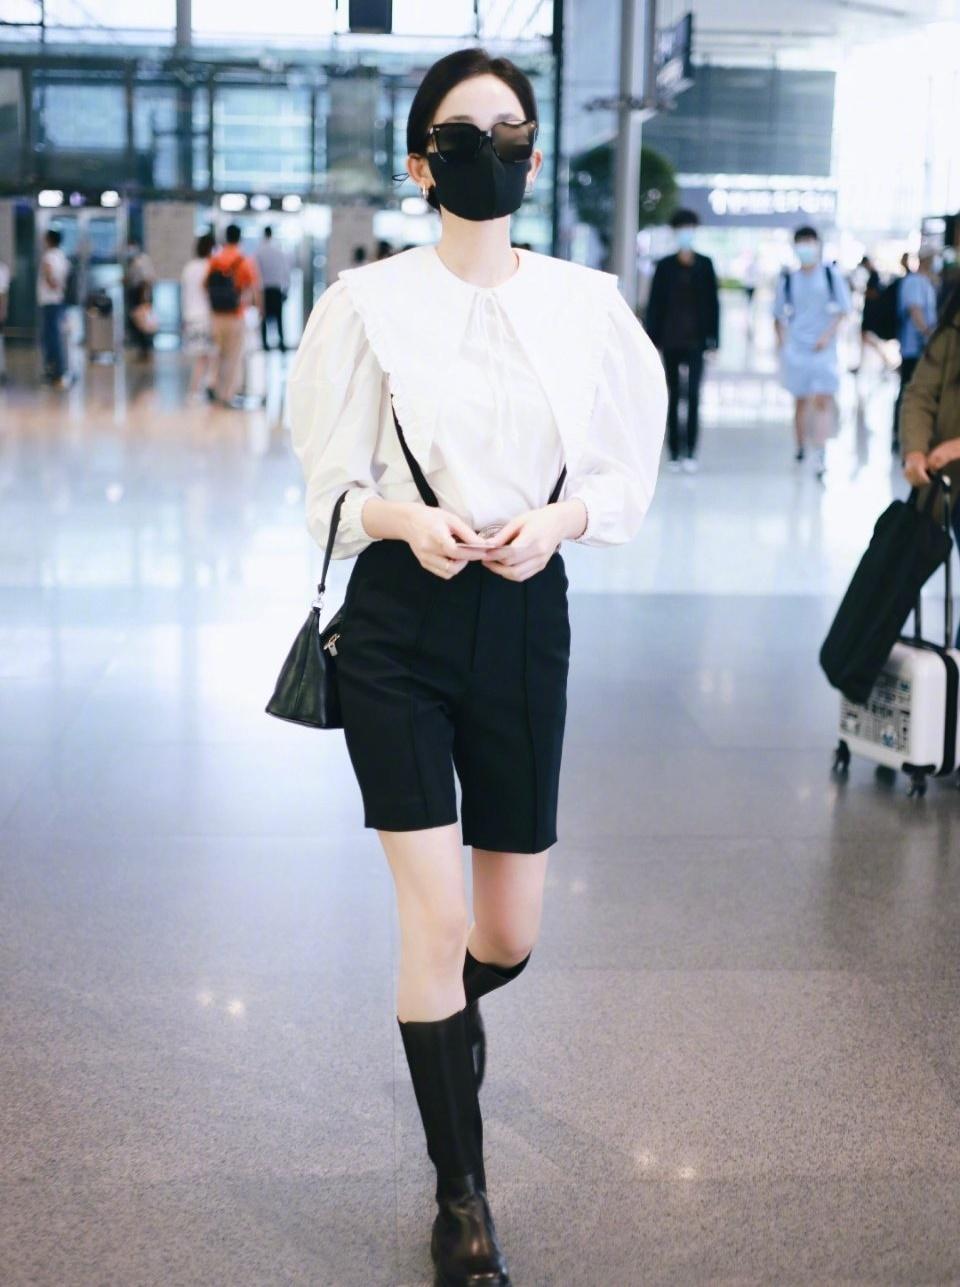 Bộ cánh đen - trắng mang lại vẻ sành điệu cho nữ diễn viên.